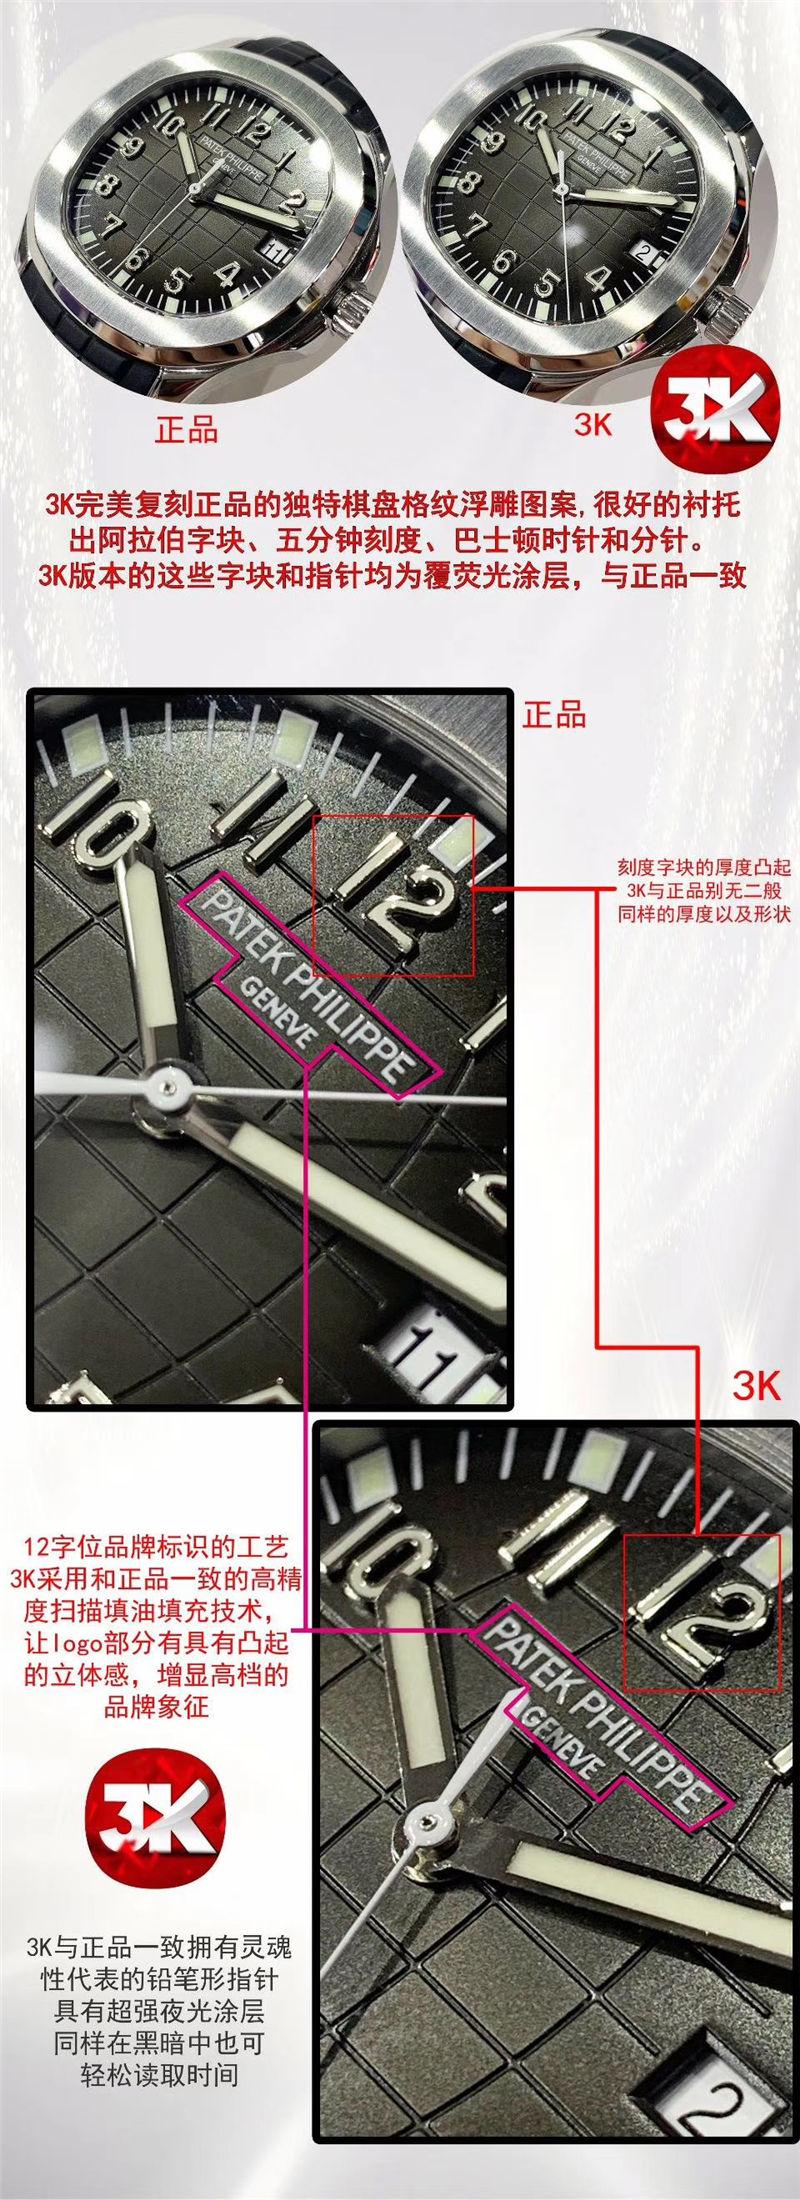 3K厂百达翡丽手雷_复刻表与正品对比测评-第2张